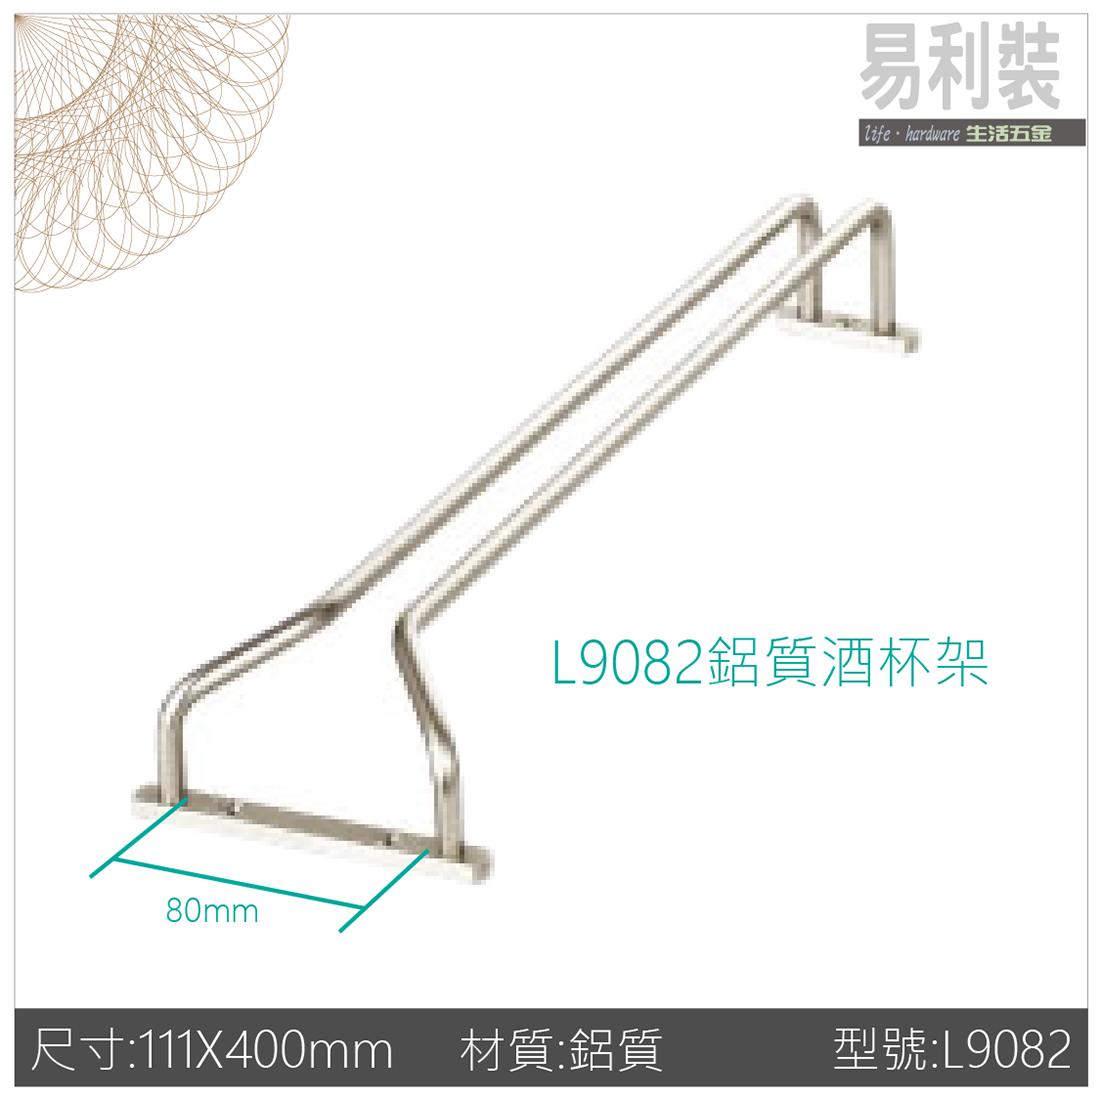 L9082 鋁質酒杯架 易利裝生活五金 高腳杯架 餐廳 廚房 小資族 辦公家具 系統家具